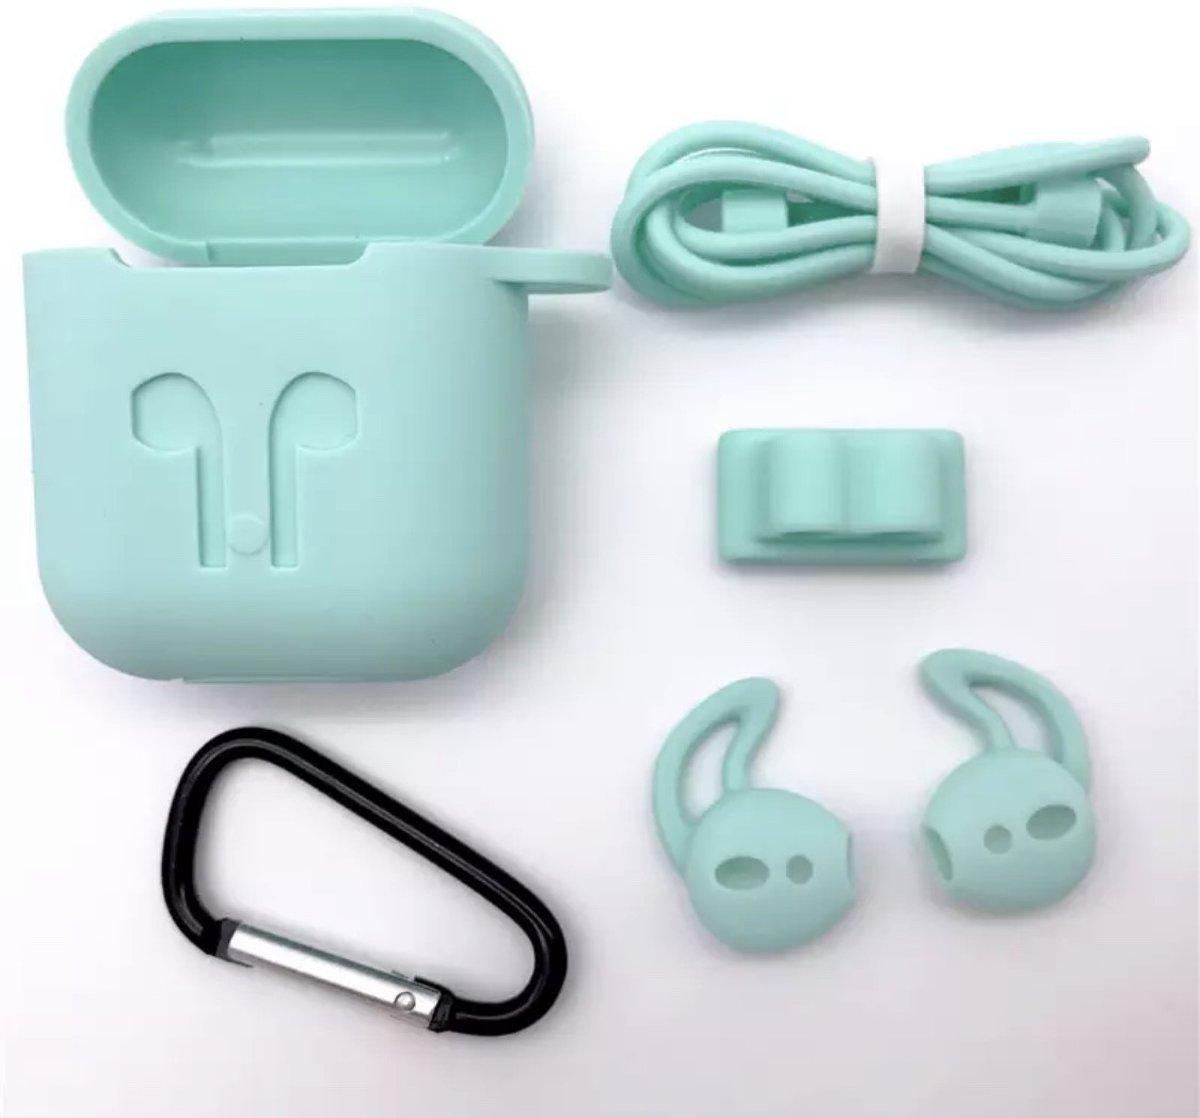 Siliconen Case Cover voor Apple Airpods - 5 in 1 set met Anti Lost Strap en Haak - Lichtgroen kopen